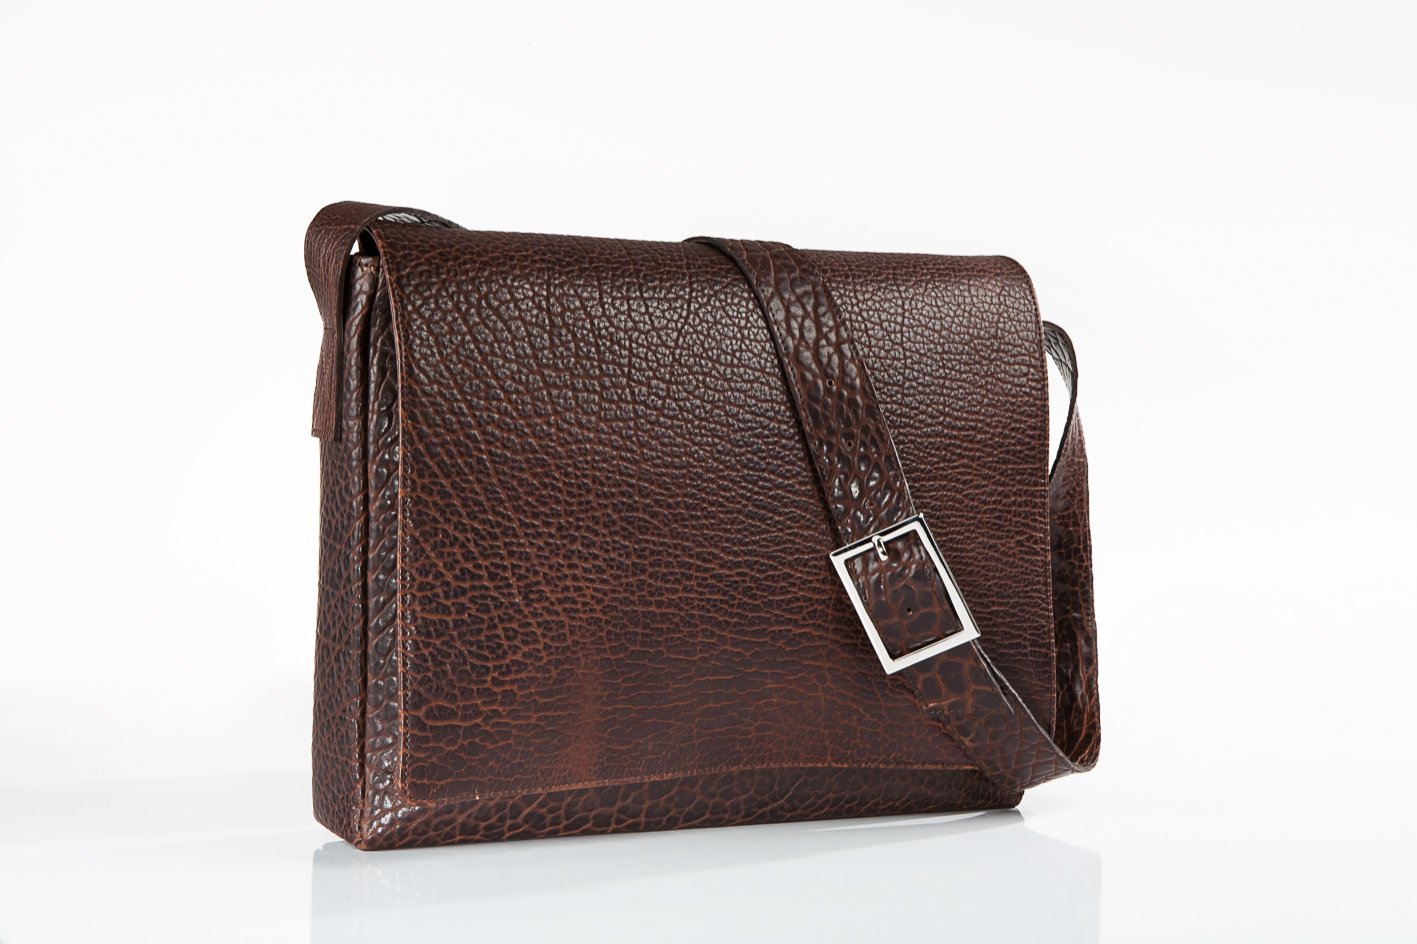 Produktfoto_Handtasche_012